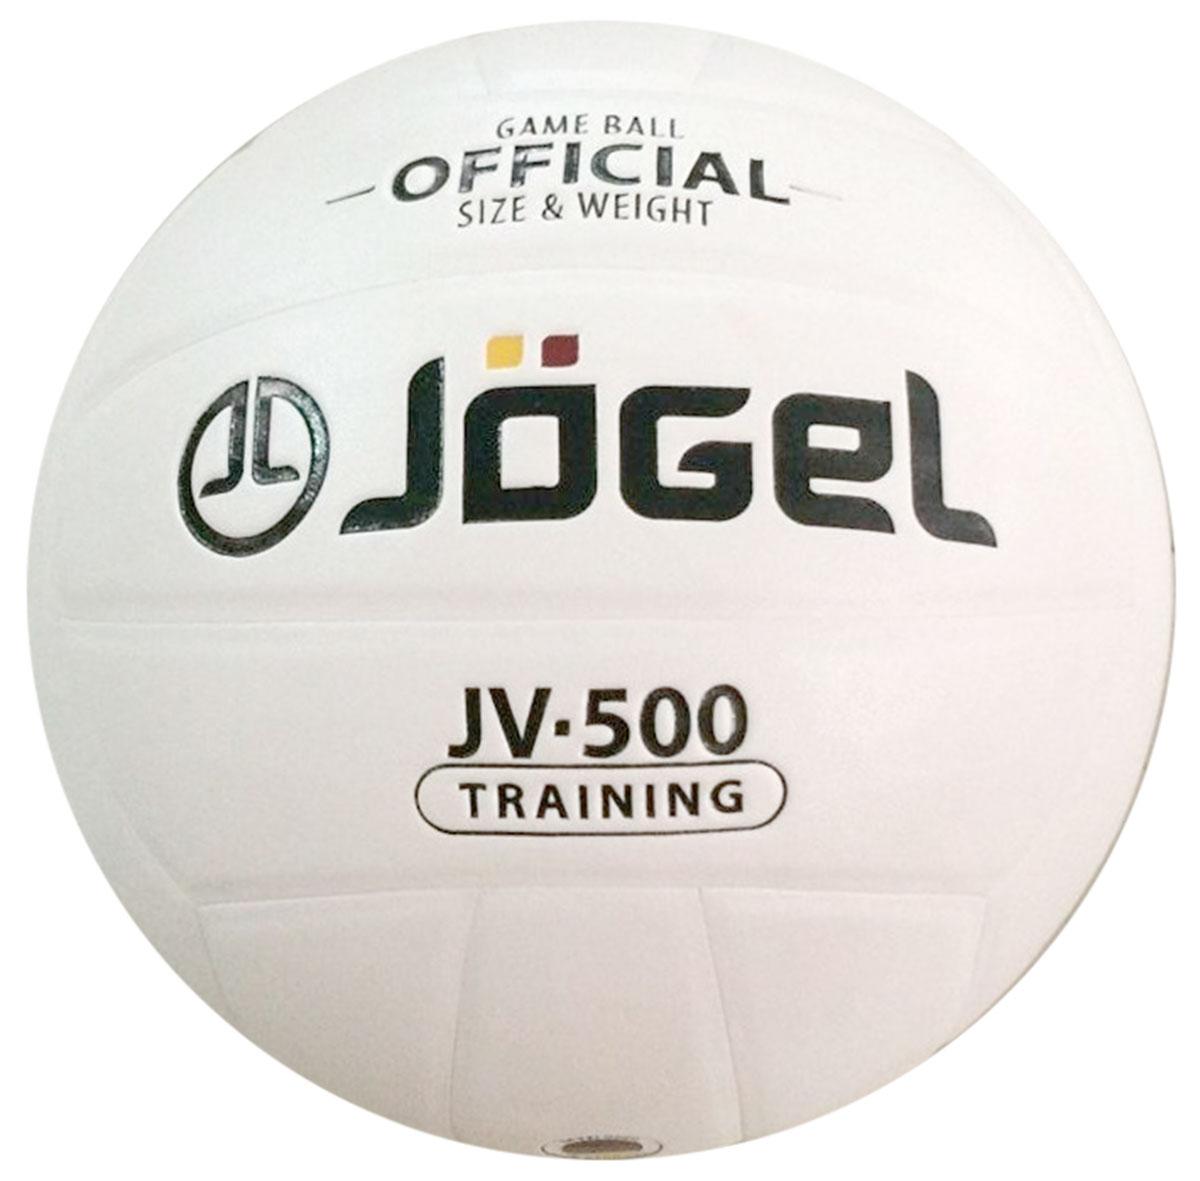 Мяч волейбольный Jogel, цвет: белый. Размер 5. JV-500УТ-00009342Название: Мяч волейбольный Jgel JV-500 Уровень: Тренировочный мяч Серия: TRAINING Описание: Jogel JV-500 клееный тренировочный мяч классической белой расцветки. Данная расцветка традиционно пользуется популярностью среди определенного круга покупателей, а также хорошо выделяется на полке магазина. Поверхность мяча выполнена из синтетической кожи (полиуретан), обладающей хорошей износостойкостью и высокими игровыми характеристиками. Мяч состоит из 18-ти панелей, оснащен бутиловой камерой и армирован подкладочным слоем из ткани. Рекомендован для любительской игры, тренировок и соревнований любительских команд и команд среднего уровня. Данный мяч идеально подходит для поставок на гос. тендеры, образовательные учреждения и спортивные секции. Официальный размер и вес FIBV. Рекомендованные покрытия: Паркет, песок, резина Материал покрышки: Синтетическая кожа (полиуретан) Материал камеры: Бутил Тип соединения панелей: Клееный Количество панелей: 18 Размер: 5 Вес: 260-280 гр. Длина...